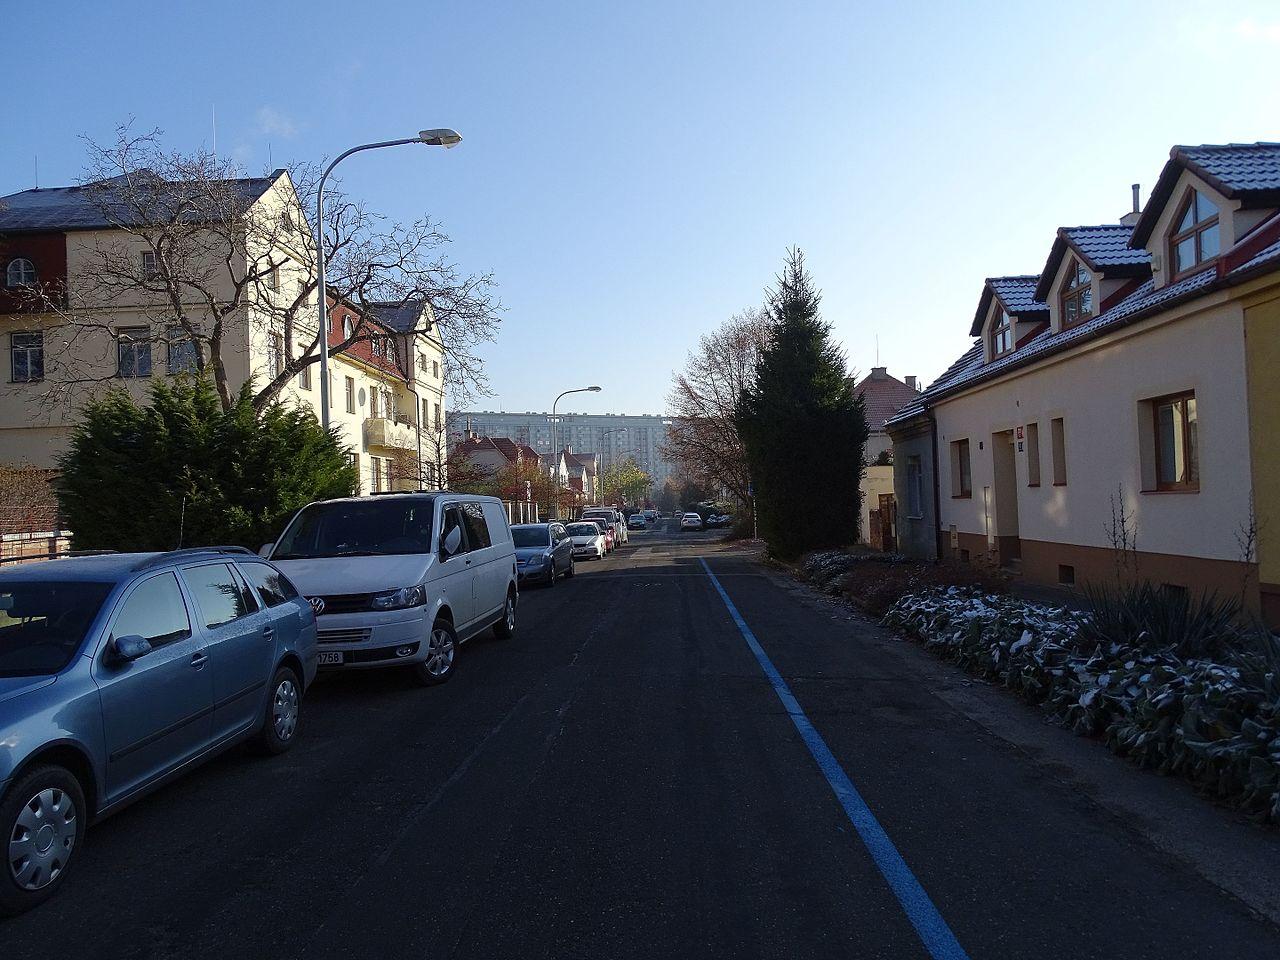 Modrá zóna v Praze, ilustrační foto. Autor: ŠJů, Wikimedia Commons, CC BY 4.0, https://commons.wikimedia.org/w/index.php?curid=53225647